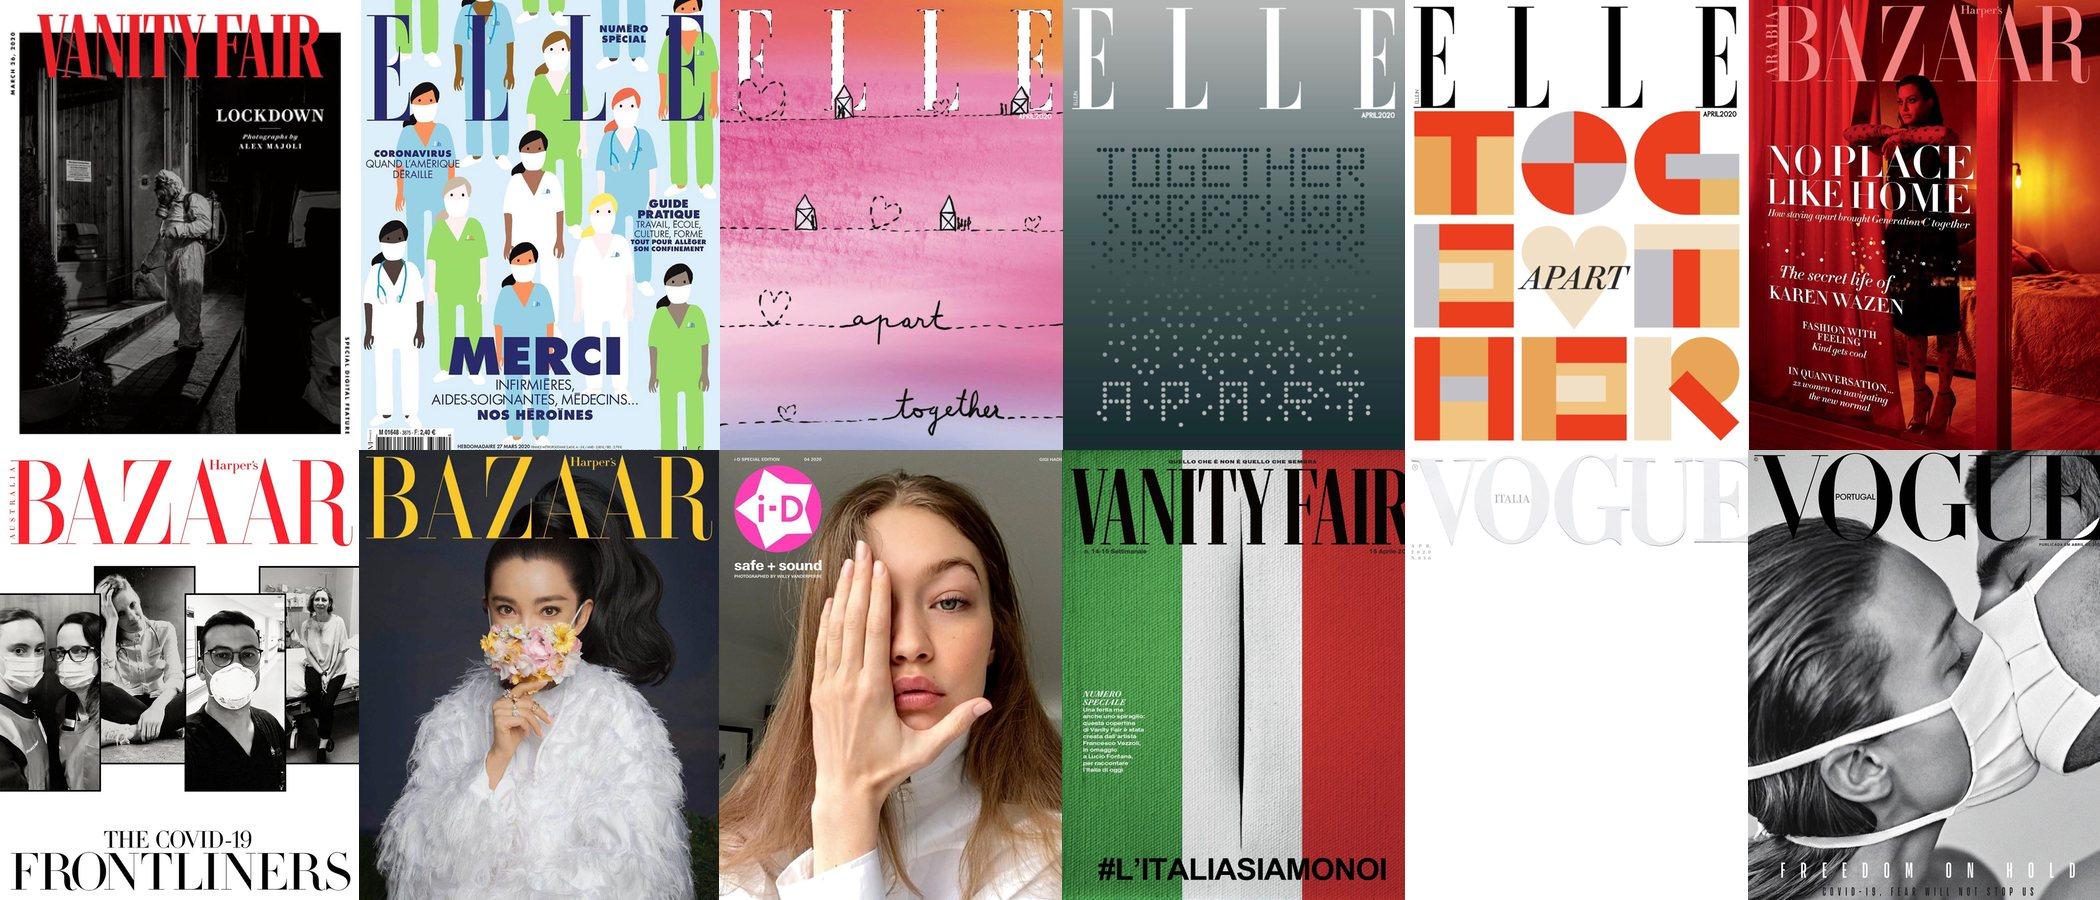 Las revistas de moda se ponen también en cuarenta por el coronavirus